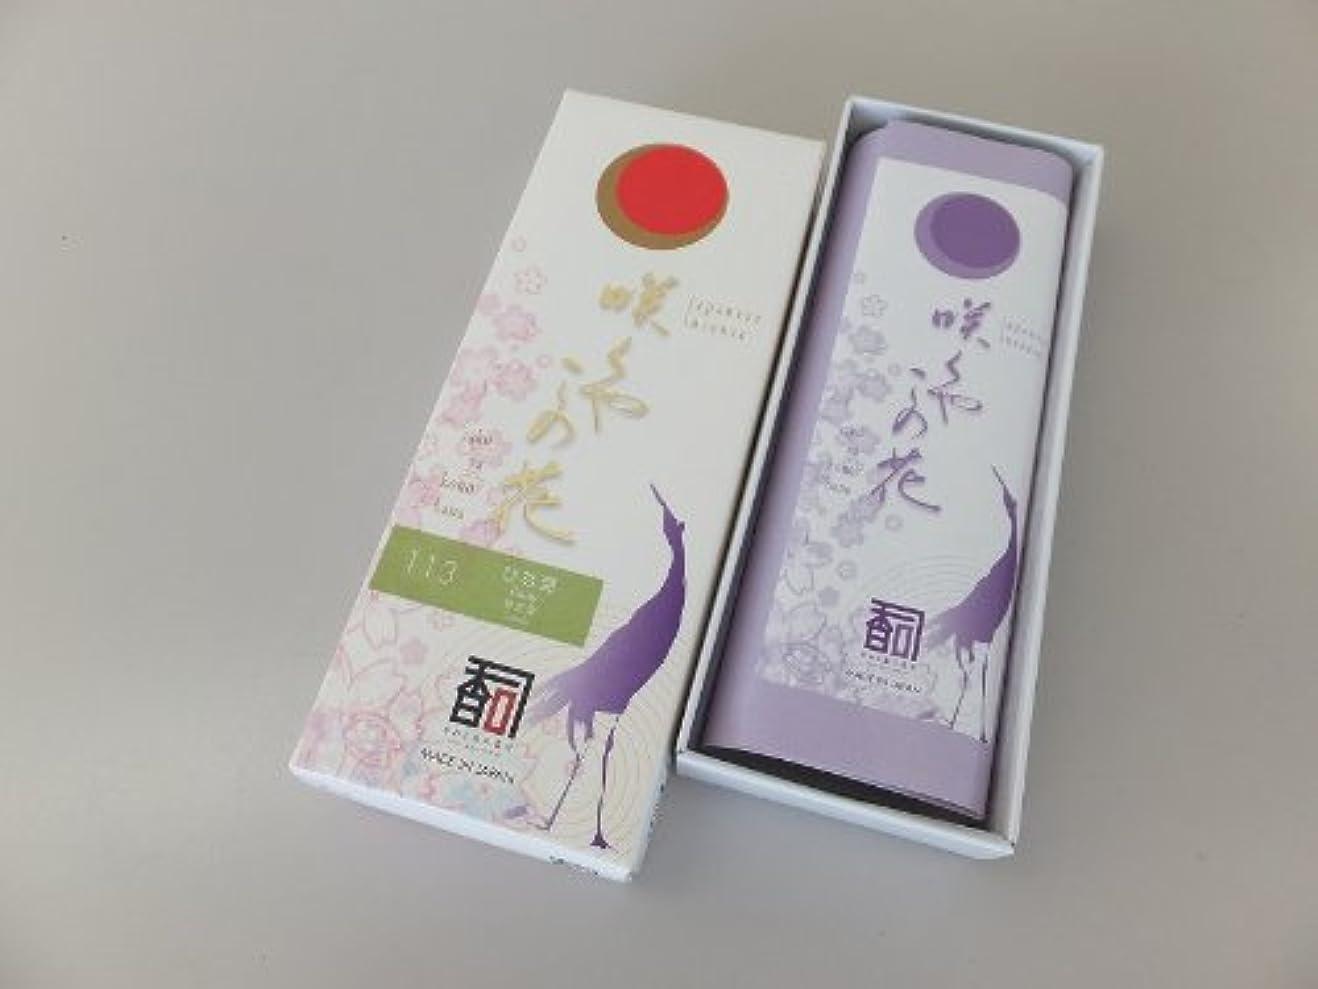 におい成功したカストディアン「あわじ島の香司」 日本の香りシリーズ  [咲くや この花] 【113】 ひな菊 (有煙)